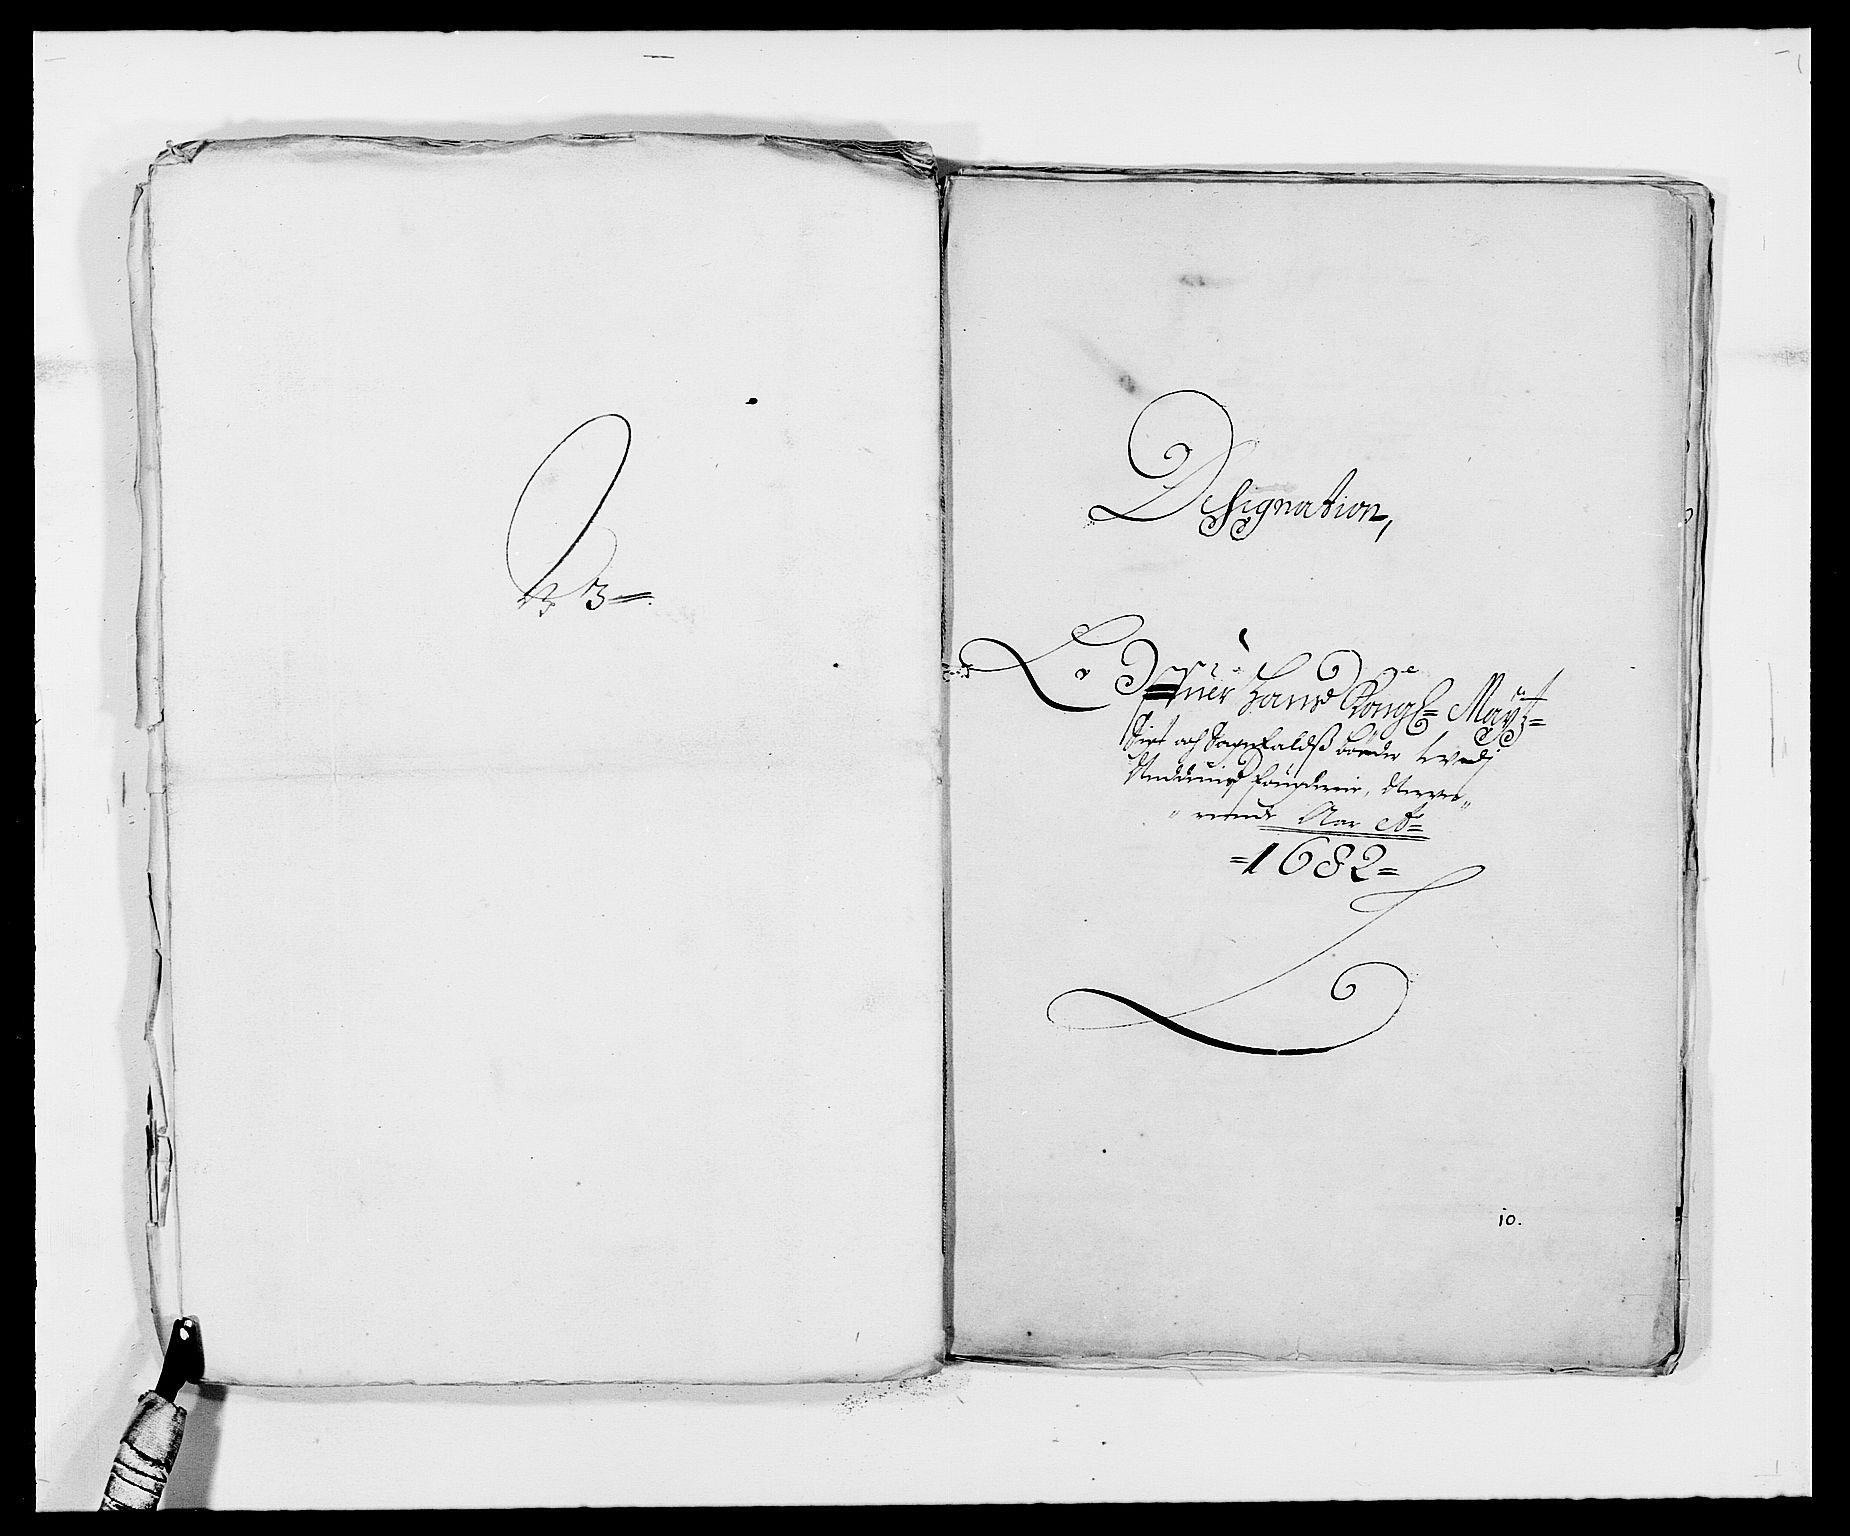 RA, Rentekammeret inntil 1814, Reviderte regnskaper, Fogderegnskap, R39/L2304: Fogderegnskap Nedenes, 1680-1682, s. 300